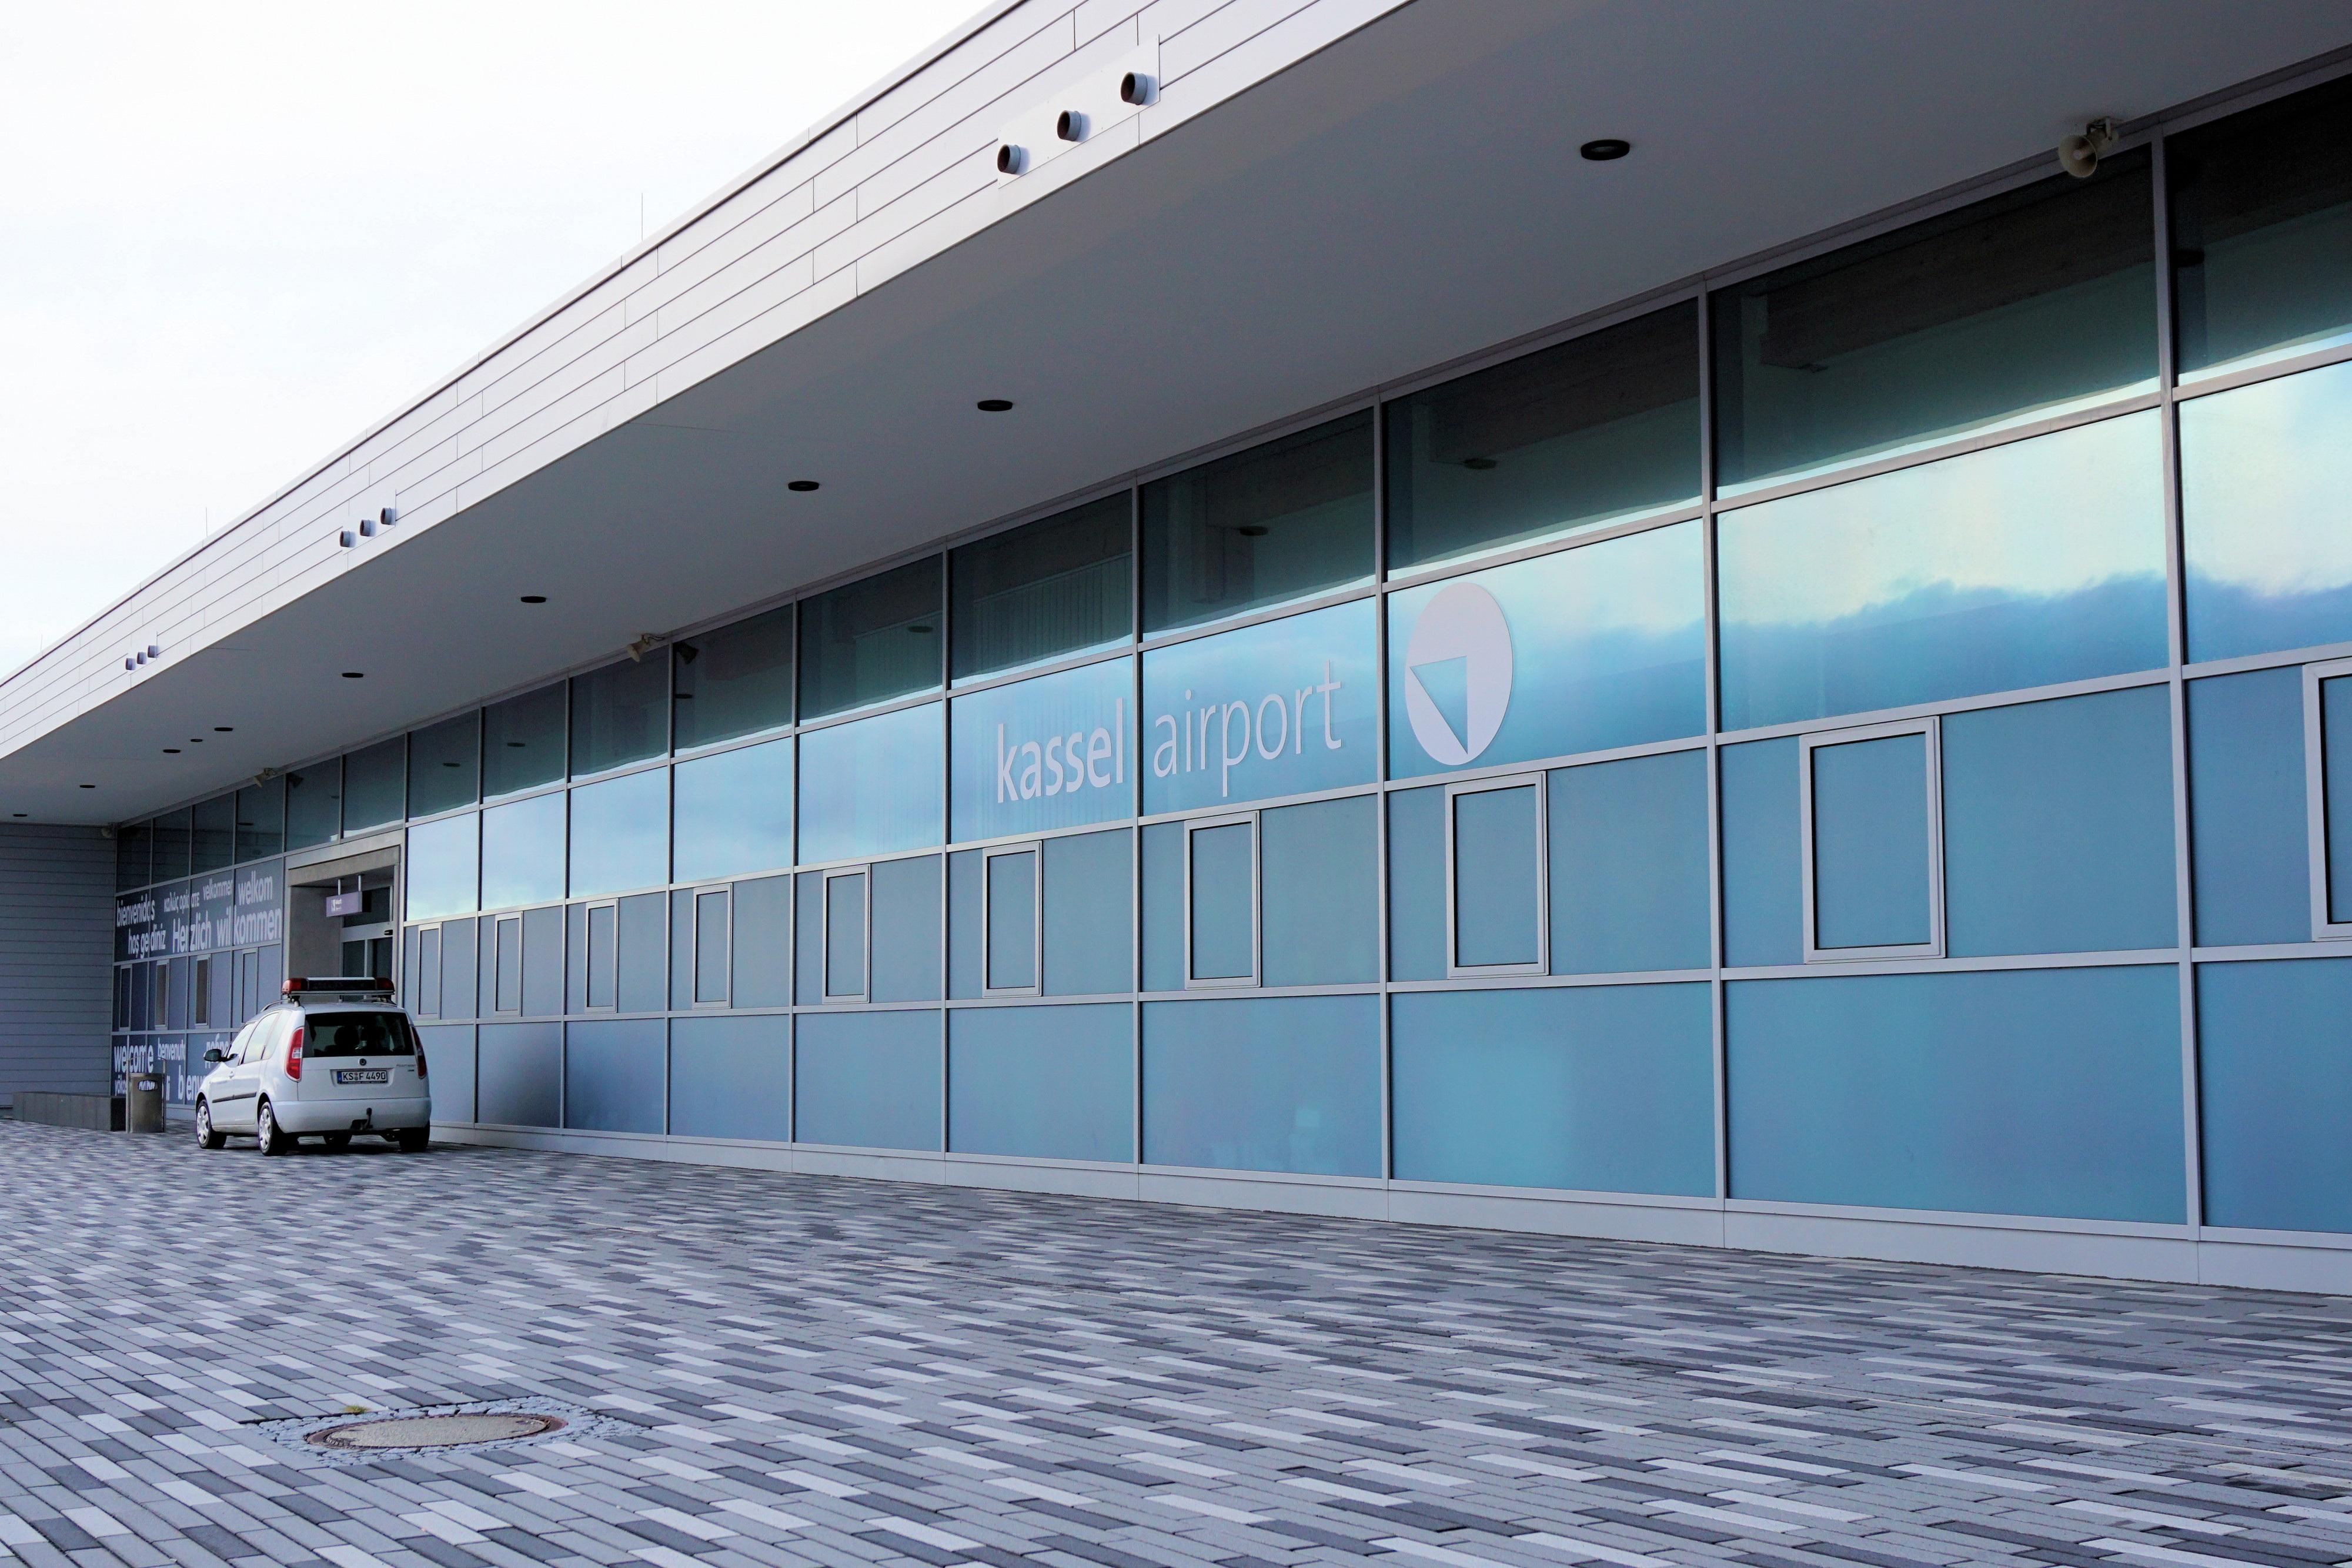 Innenarchitektur Kassel kostenlose foto die architektur gebäude mauer decke fassade